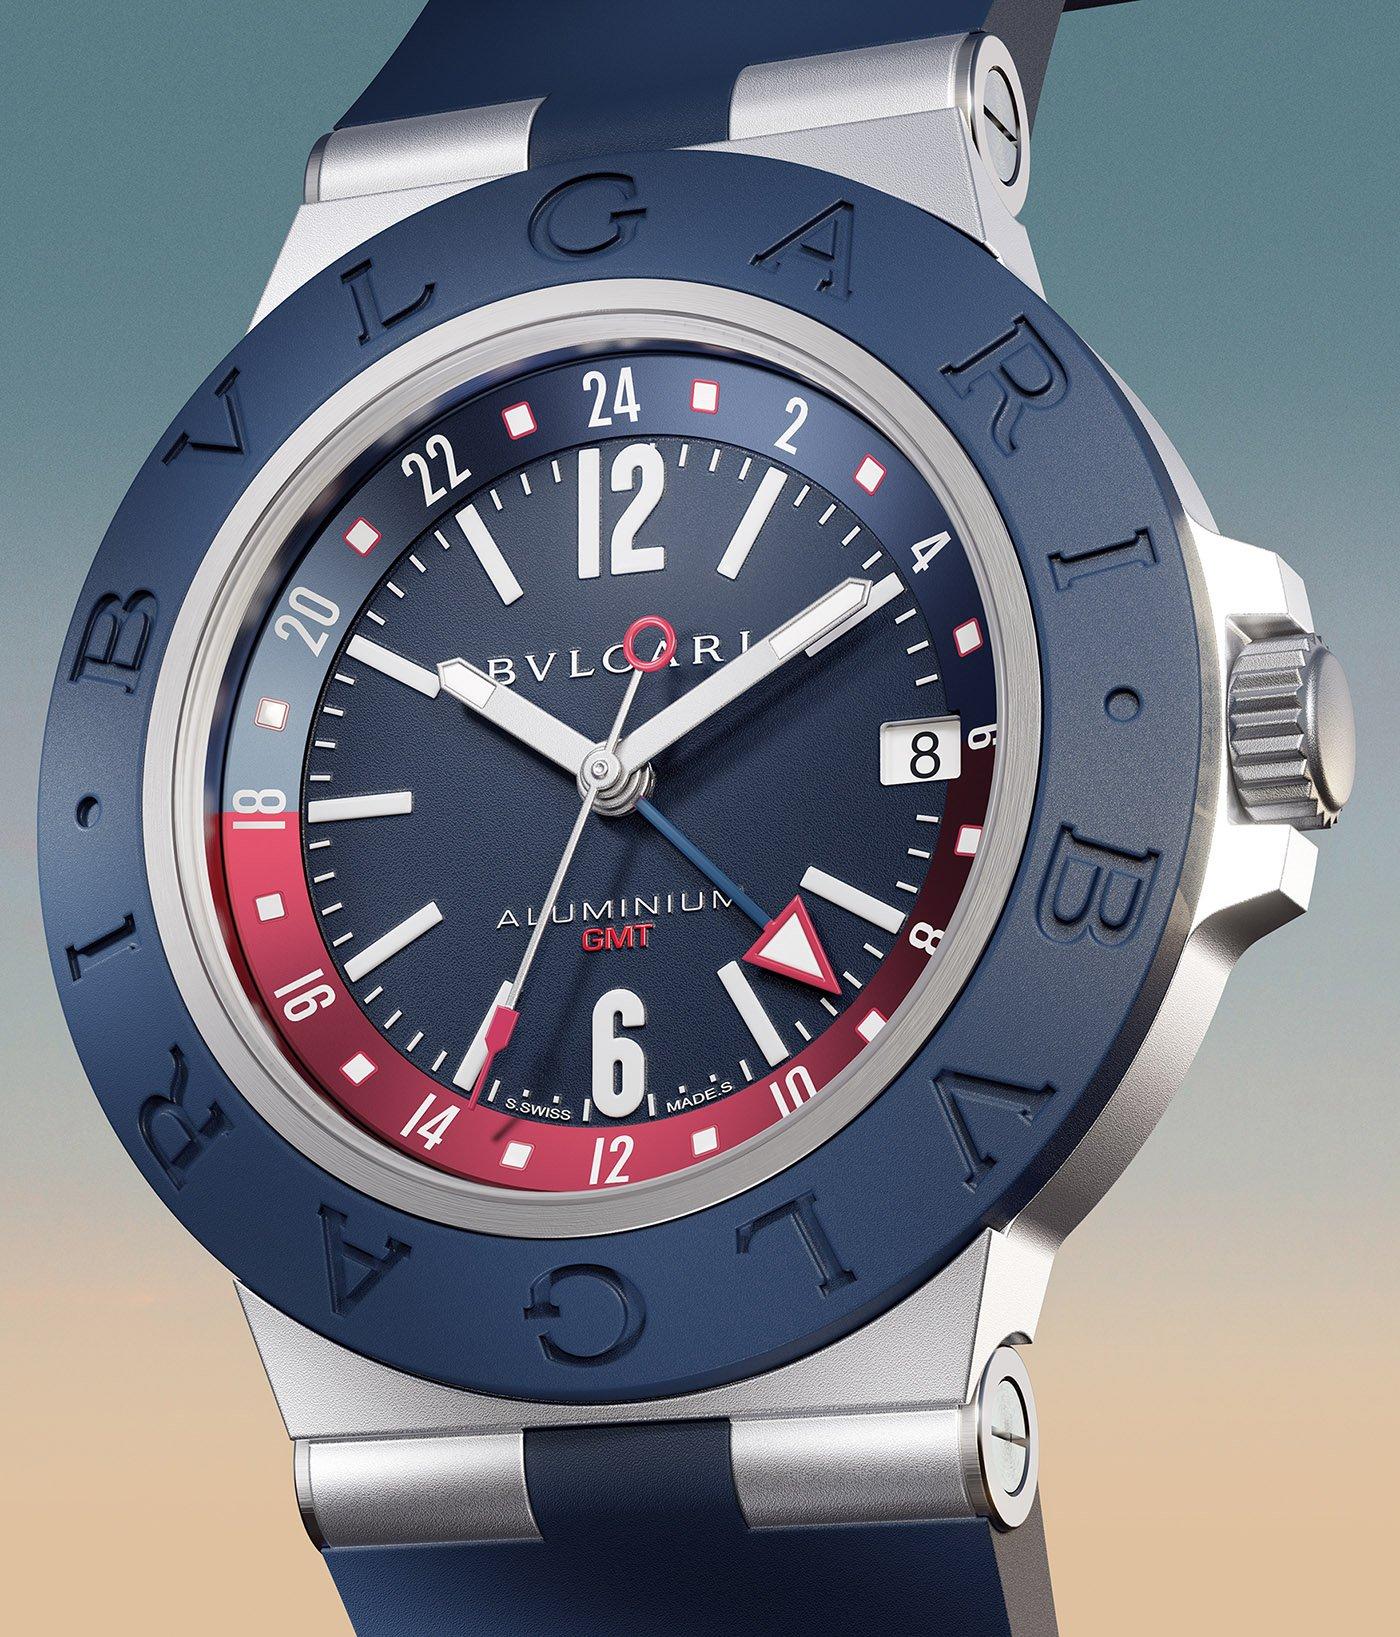 Bulgari представляет алюминиевые часы GMT